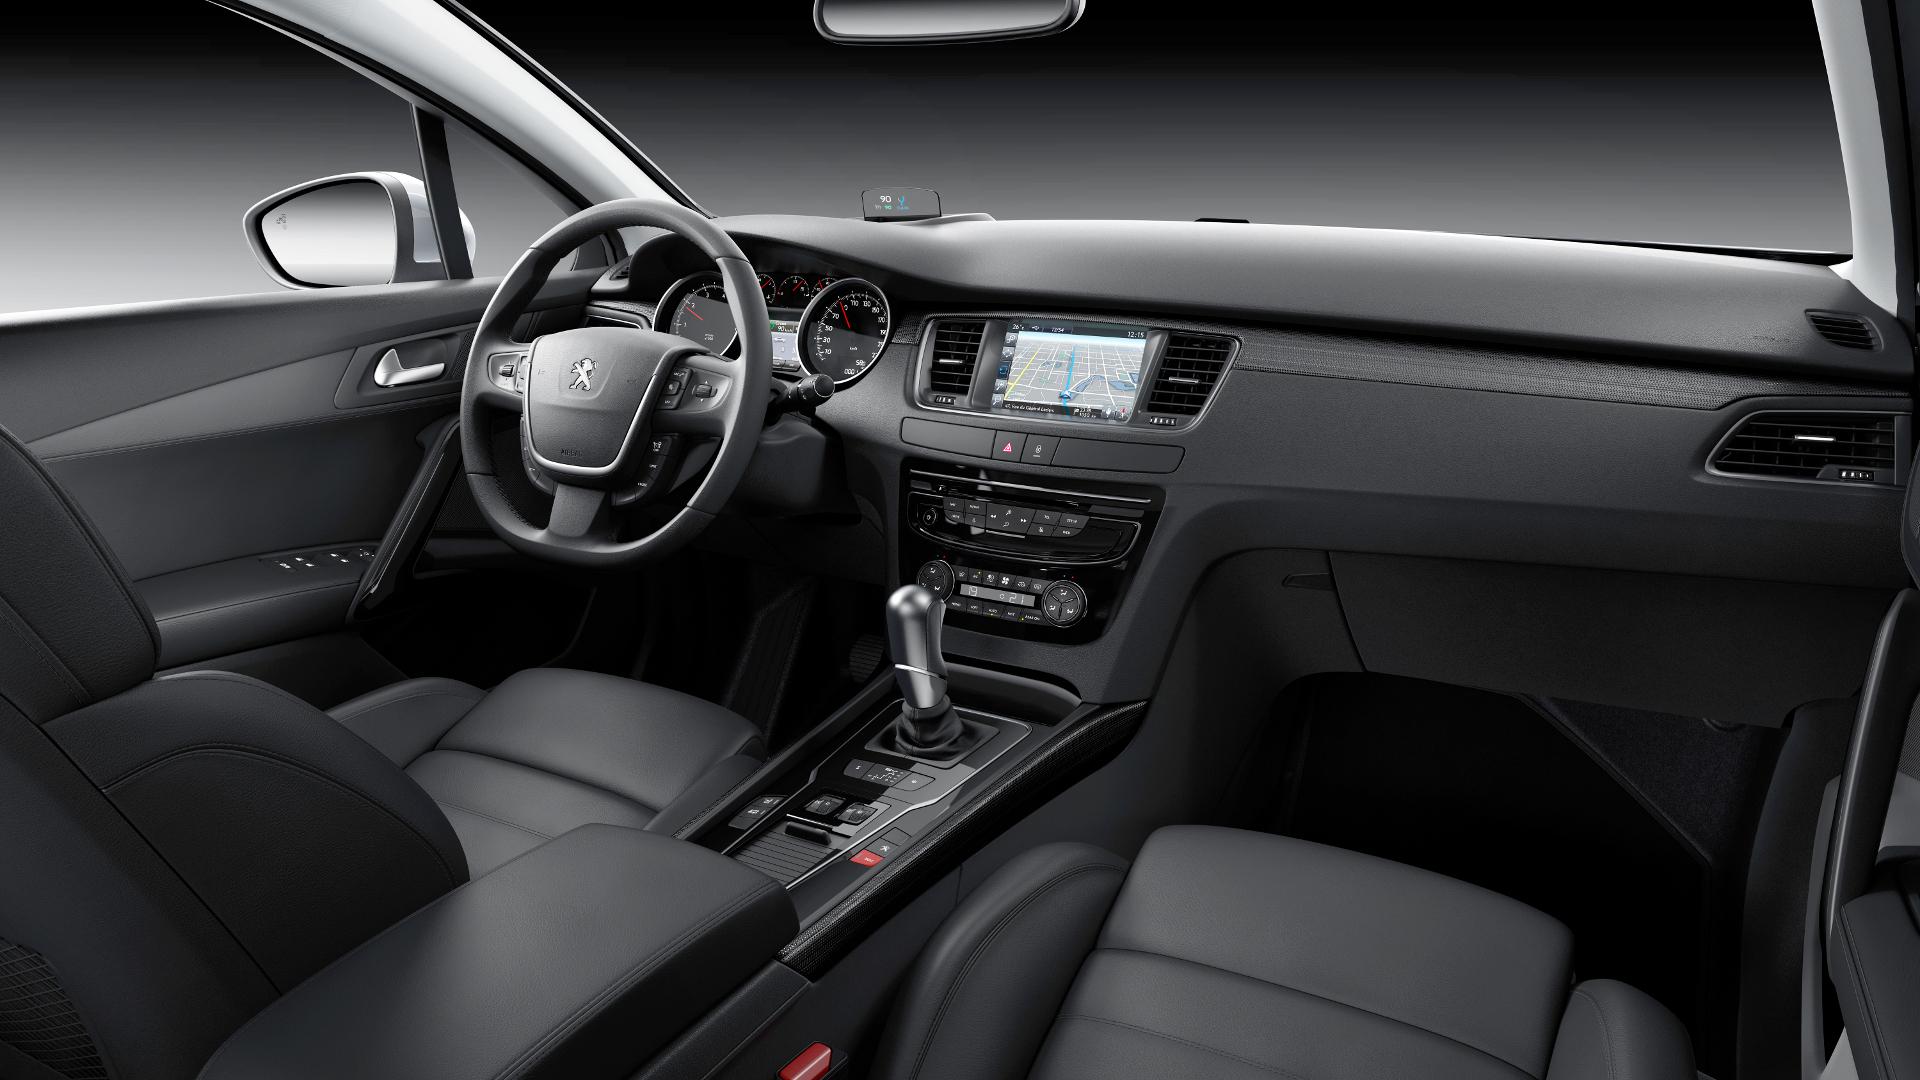 Peugeot 508 precios y equipamientos de toda la gama for Interior peugeot 508